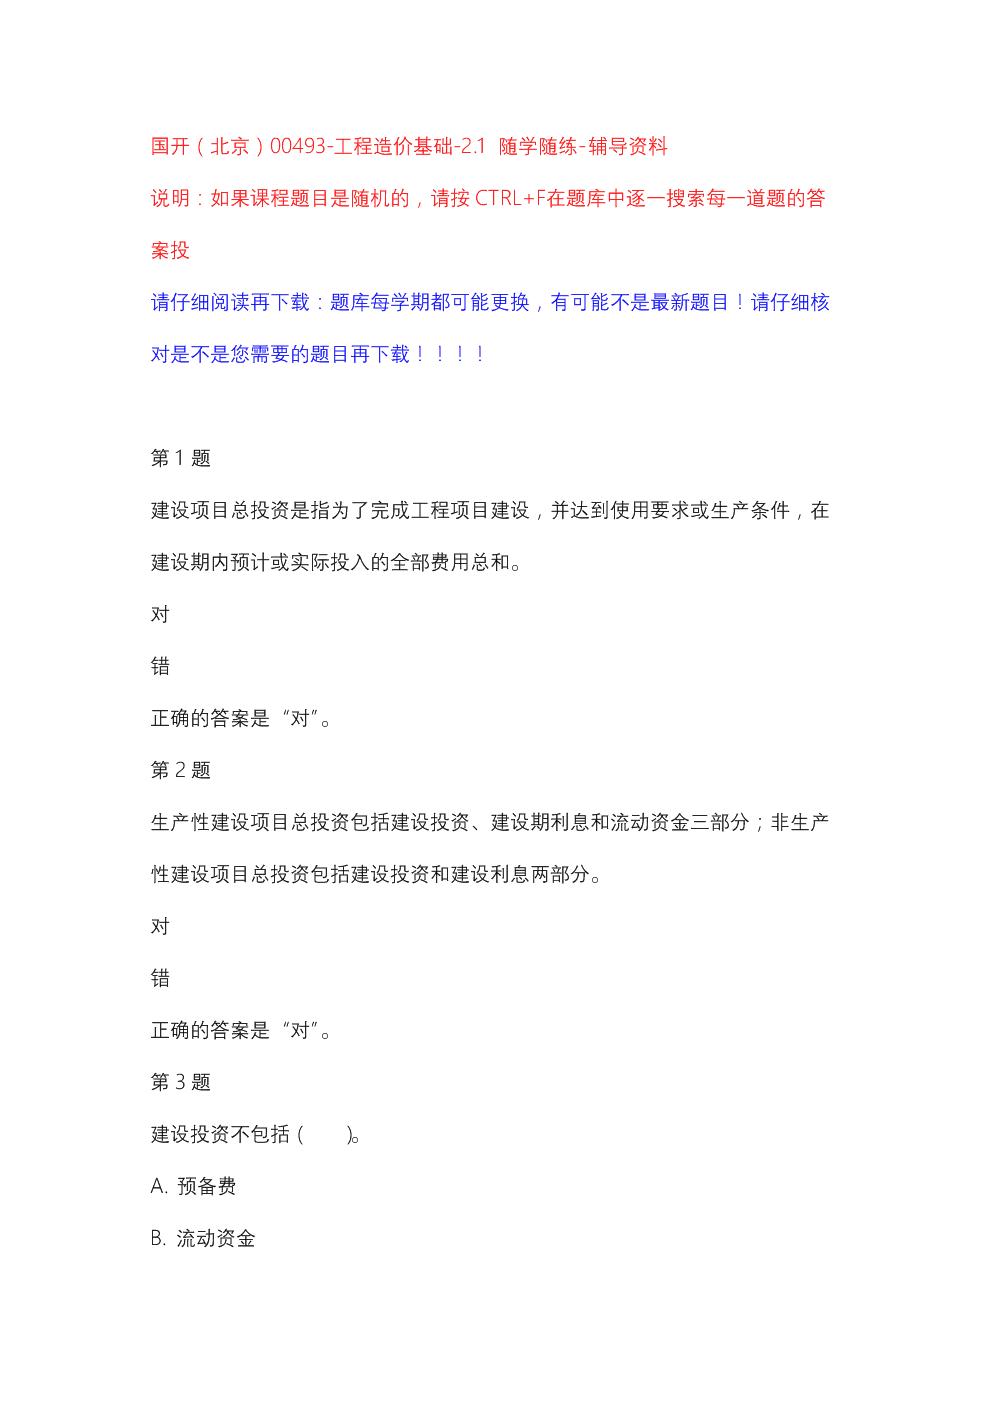 国开(北京)00493-工程造价基础-2.1 随学随练-辅导资料.docx